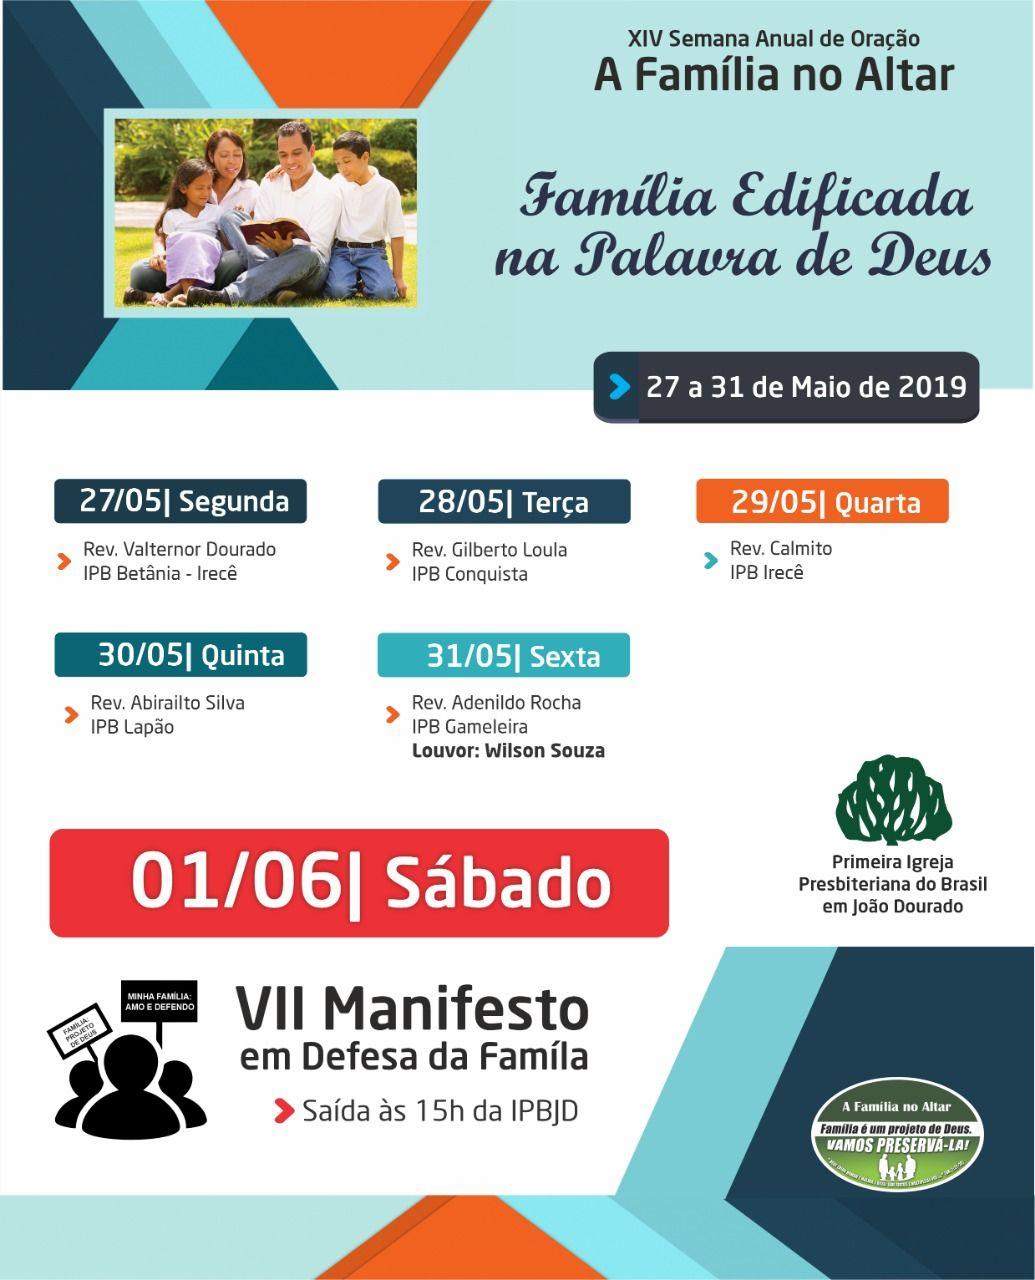 Participe Da Xiv Semana Anual De Oracao A Familia No Altar De 27